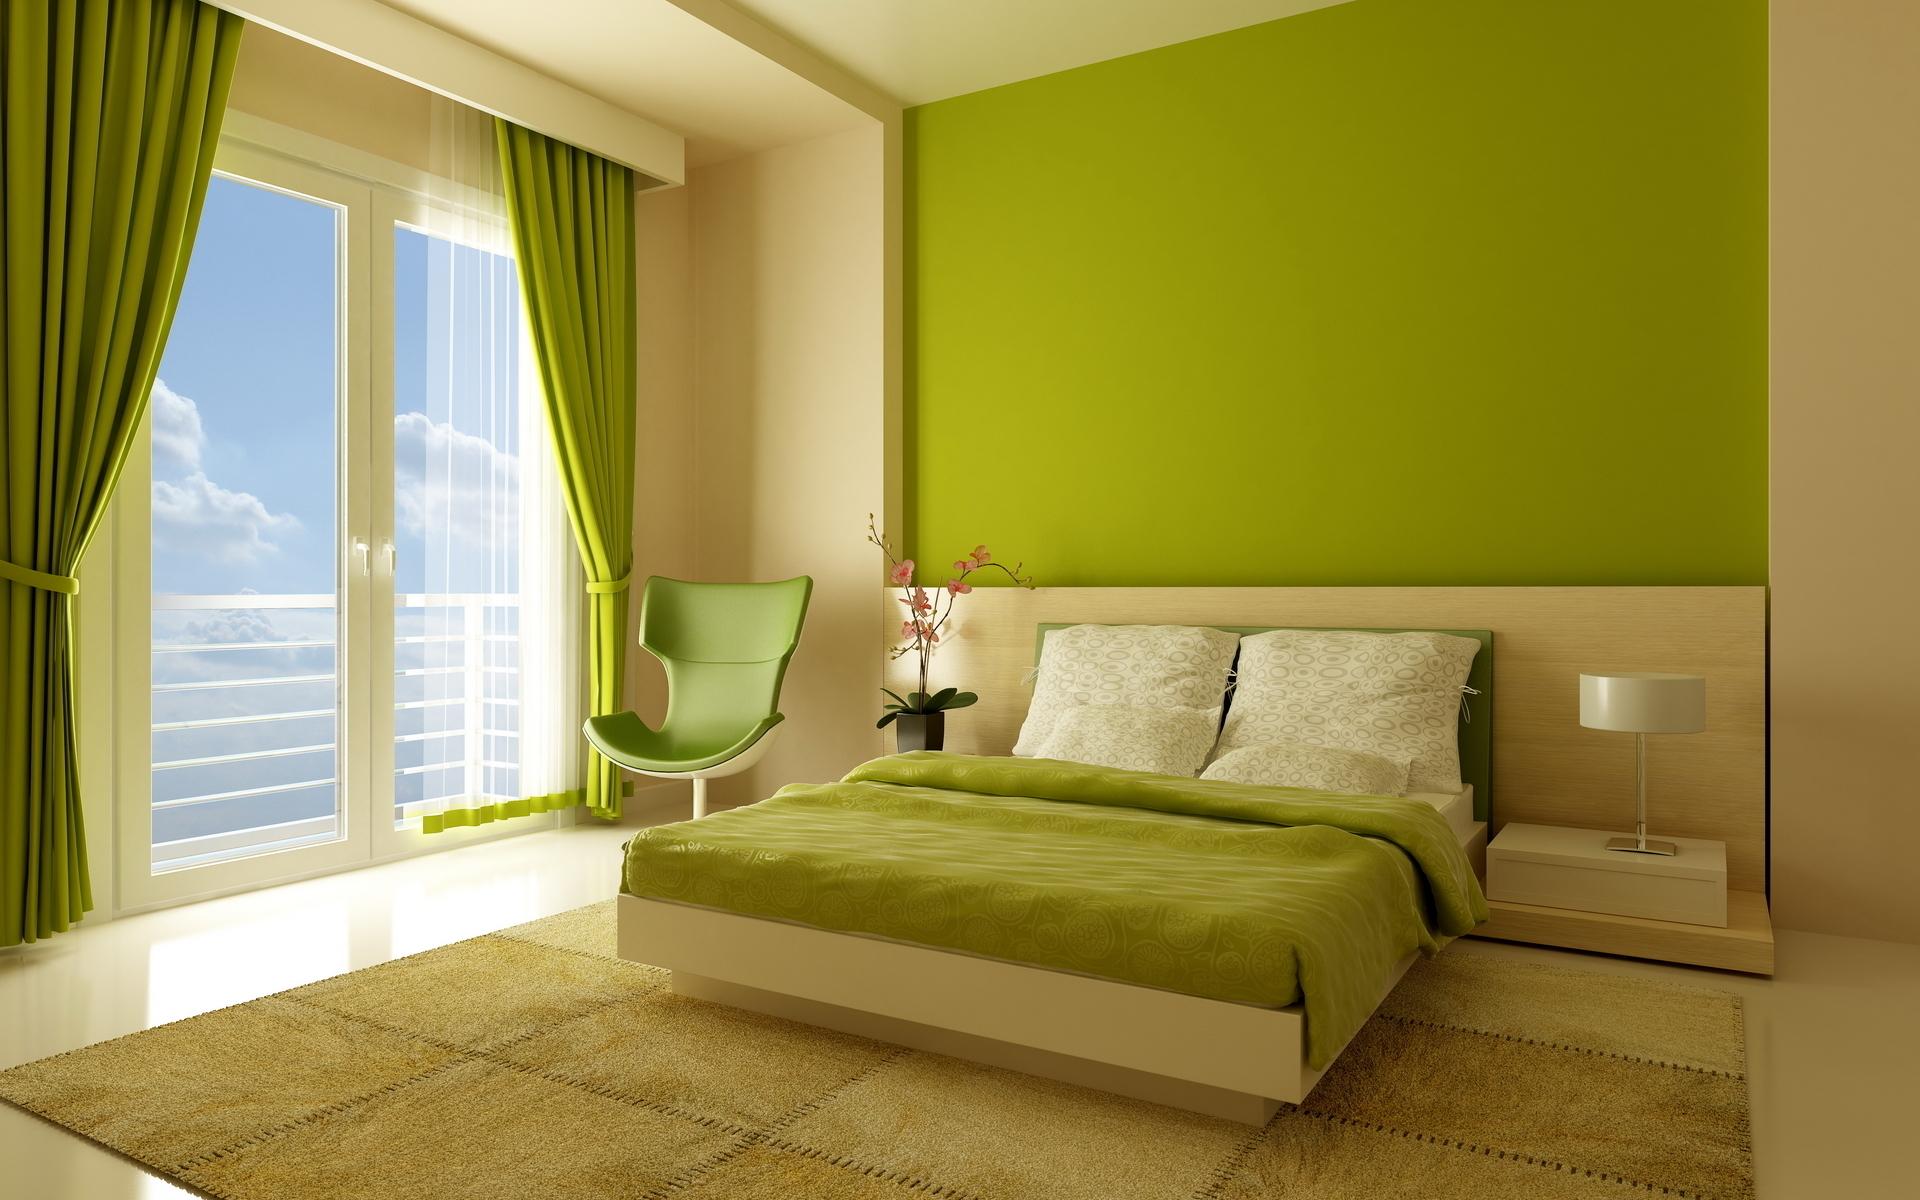 Дизайн комнаты салатового цвета